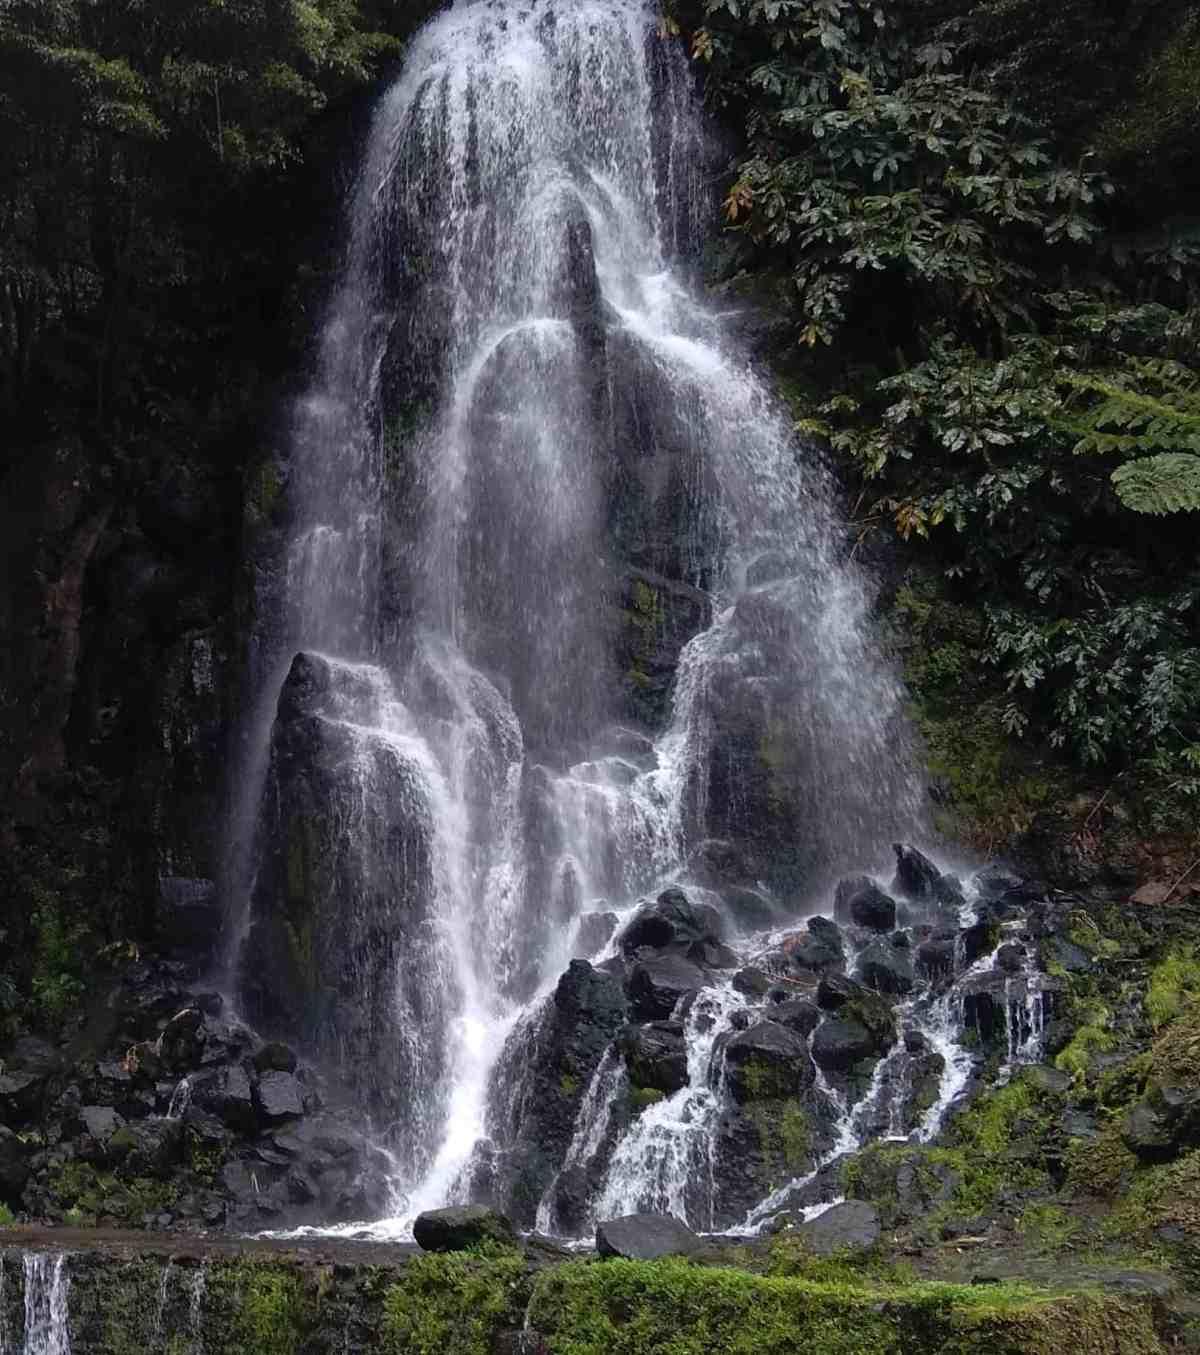 Cascata no Parque Natural da Ribeira dos Caldeirões, na ilha de S. Miguel, Açores